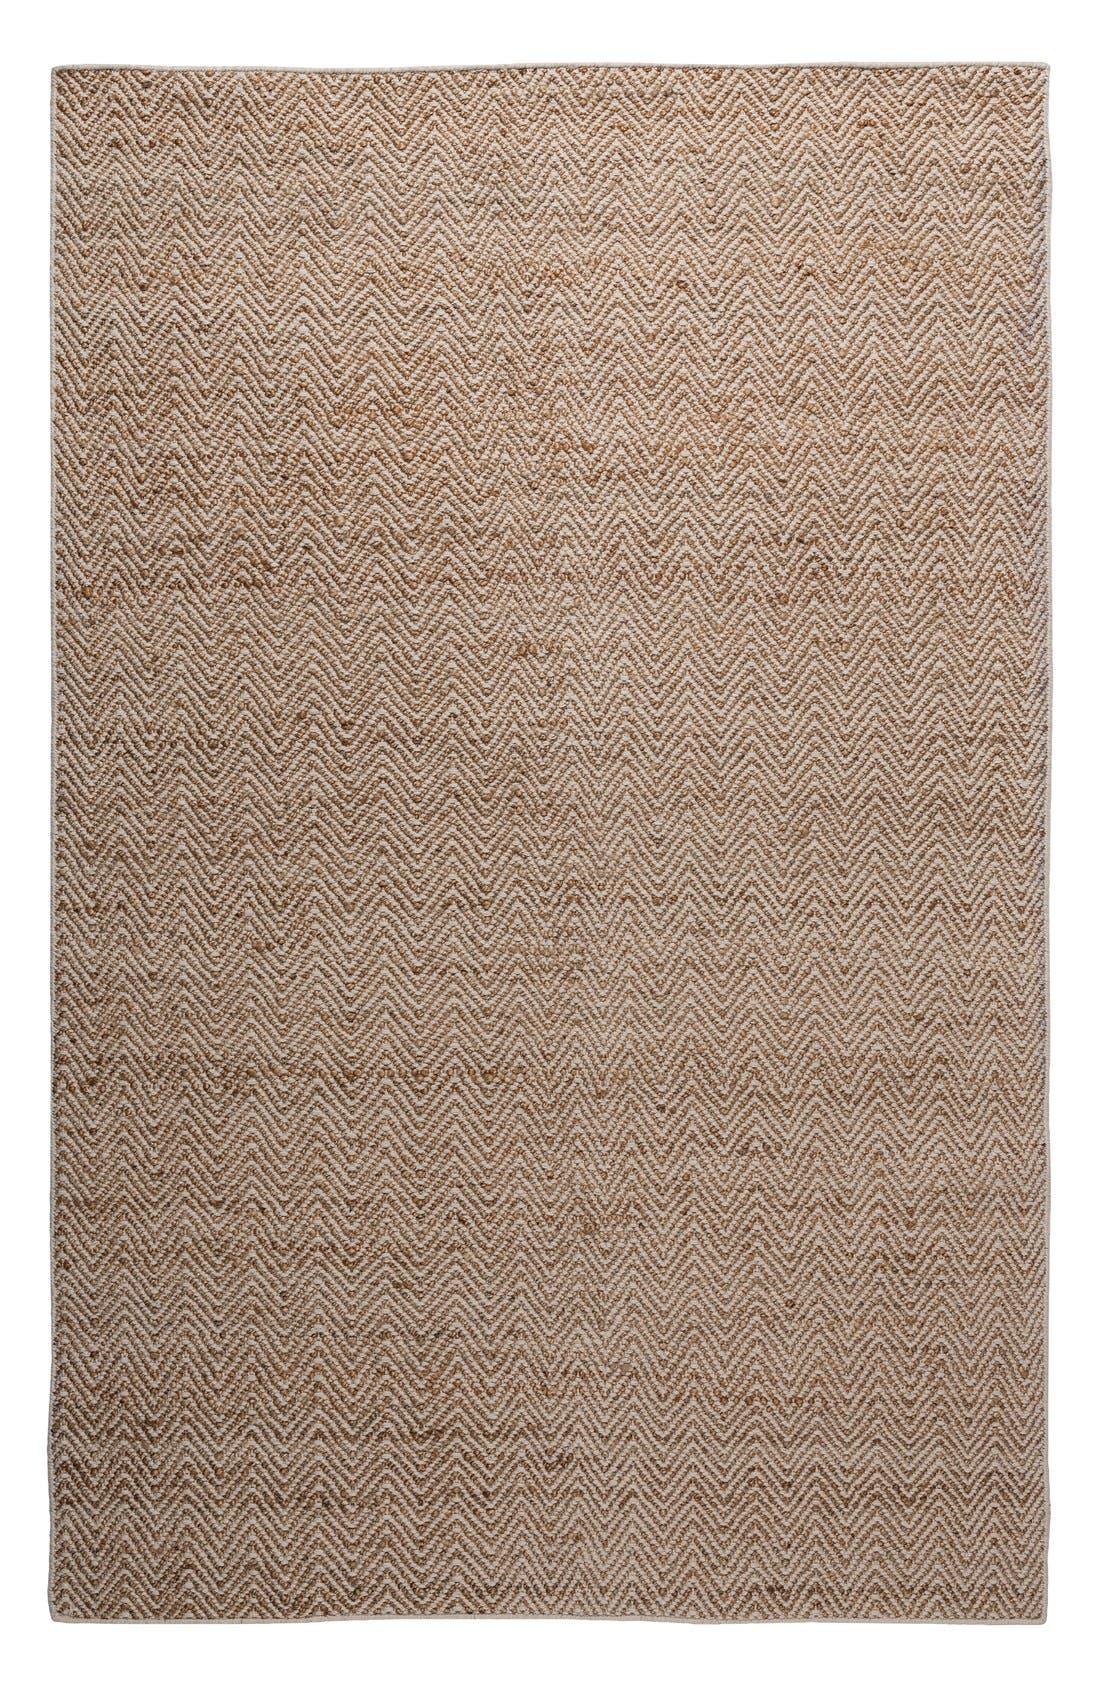 'Ellington' Hand Loomed Jute & Wool Area Rug,                             Main thumbnail 1, color,                             Beige